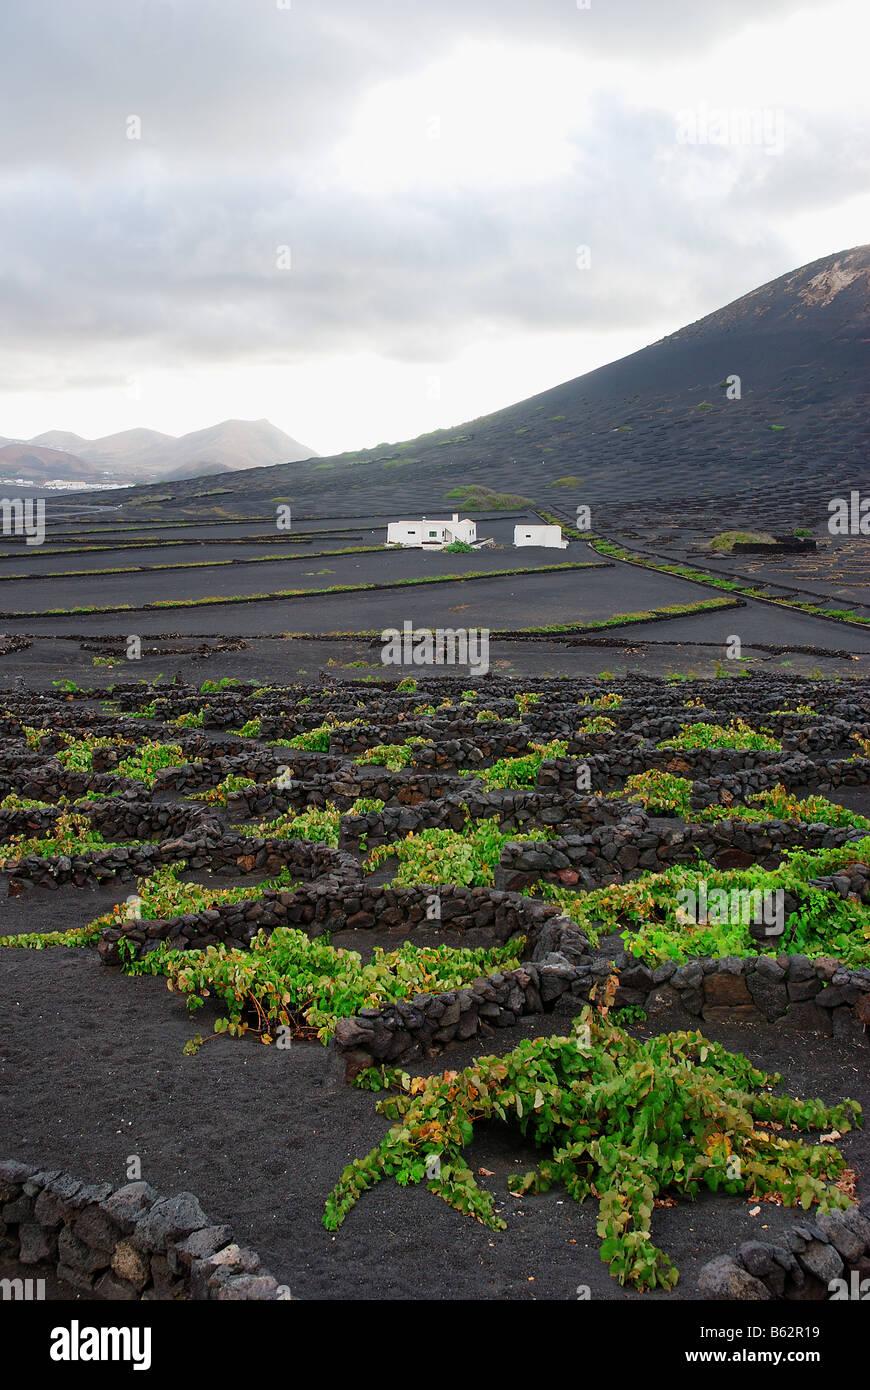 Vineyards in La Geria. Lanzarote island. Canary Islands. Spain. Stock Photo